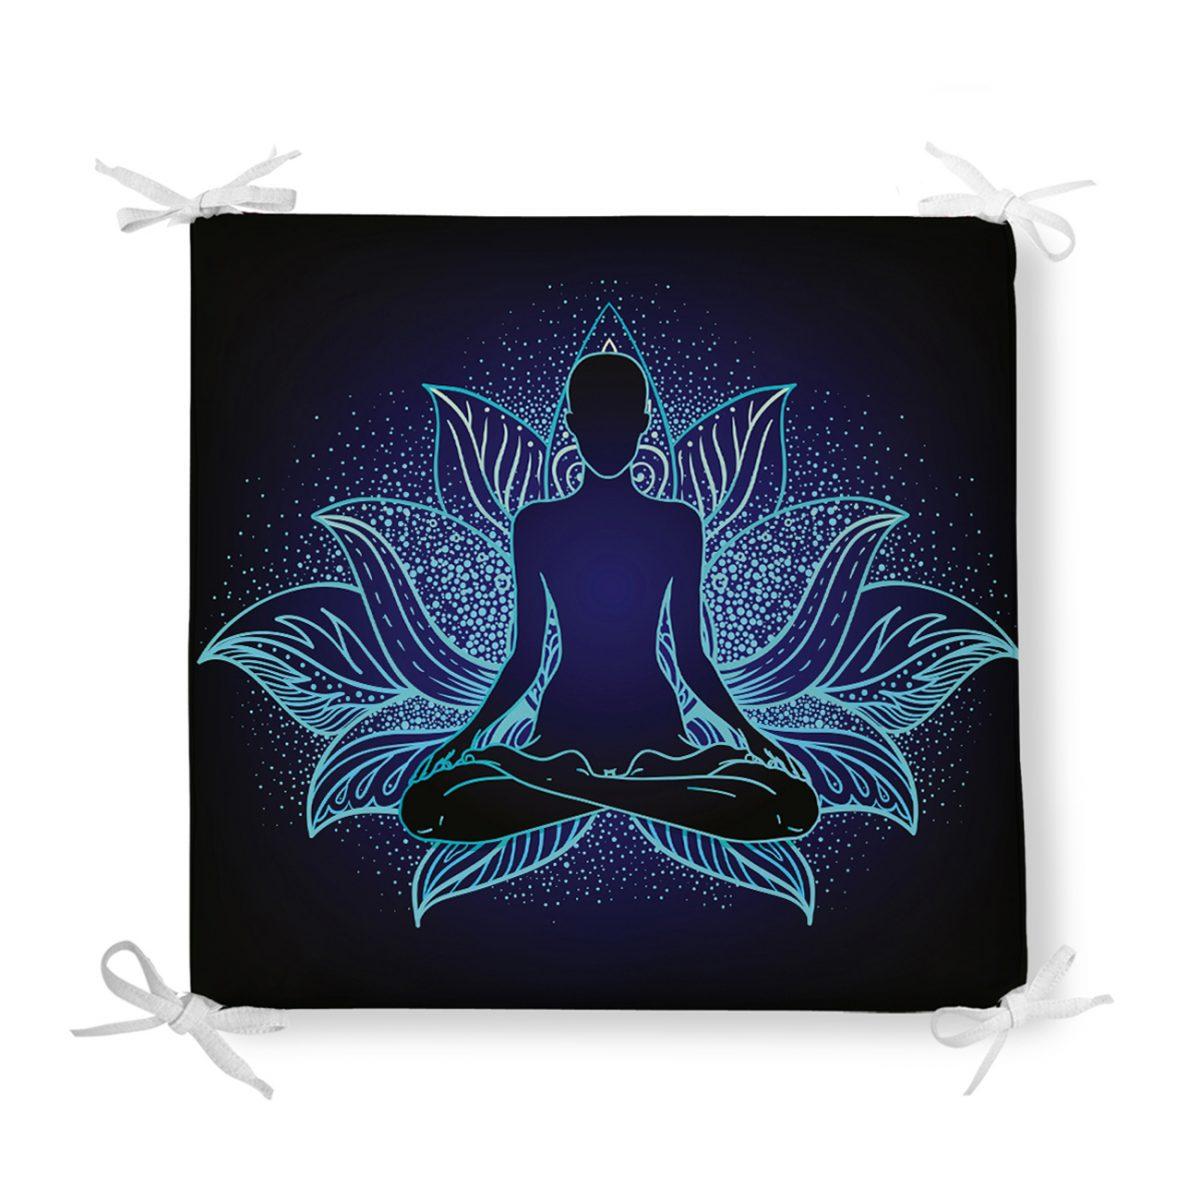 Mavi Neon Motifli Yoga Desenli Özel Tasarım Fermuarlı Sandalye Minderi Realhomes